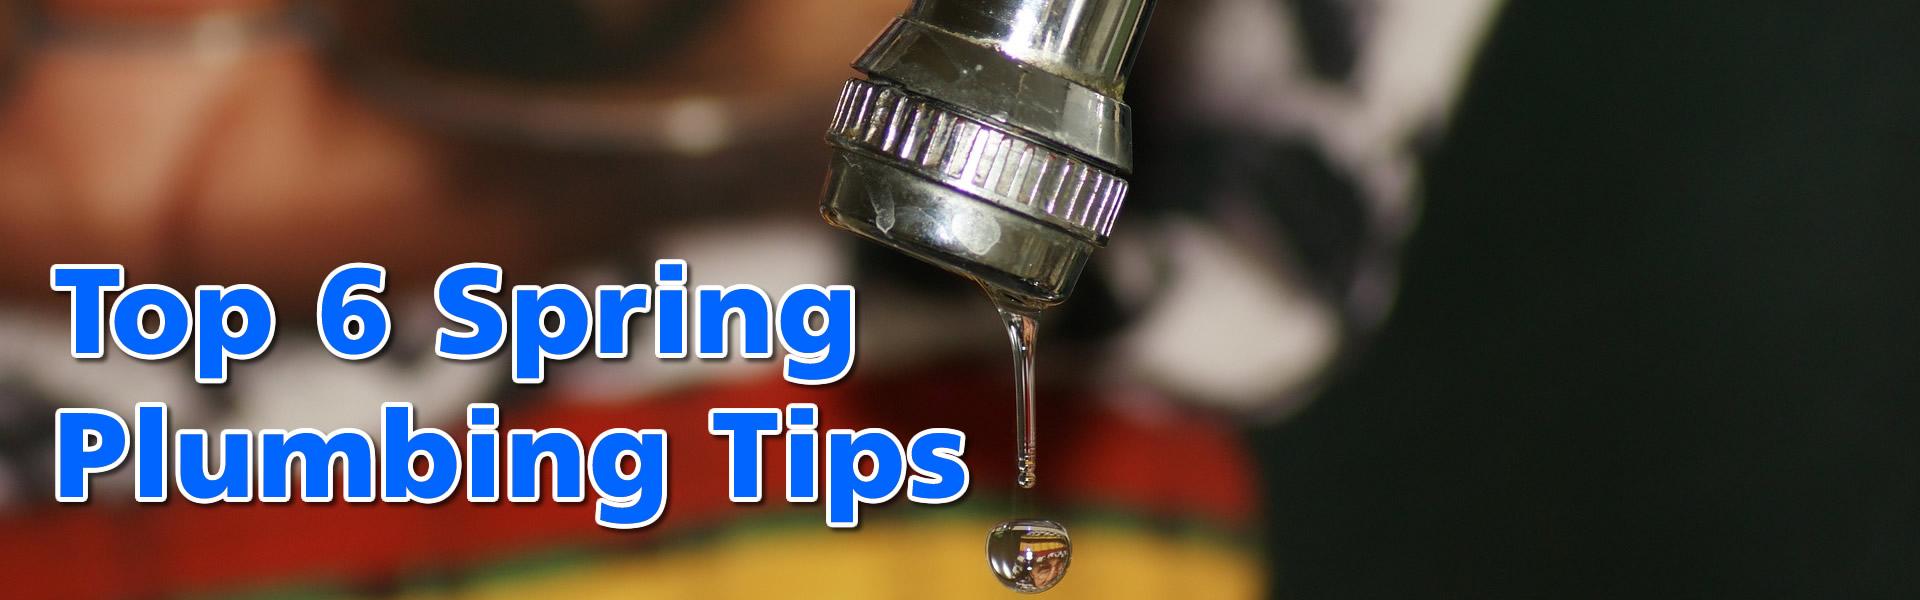 Top 6 Spring Plumbing Tips